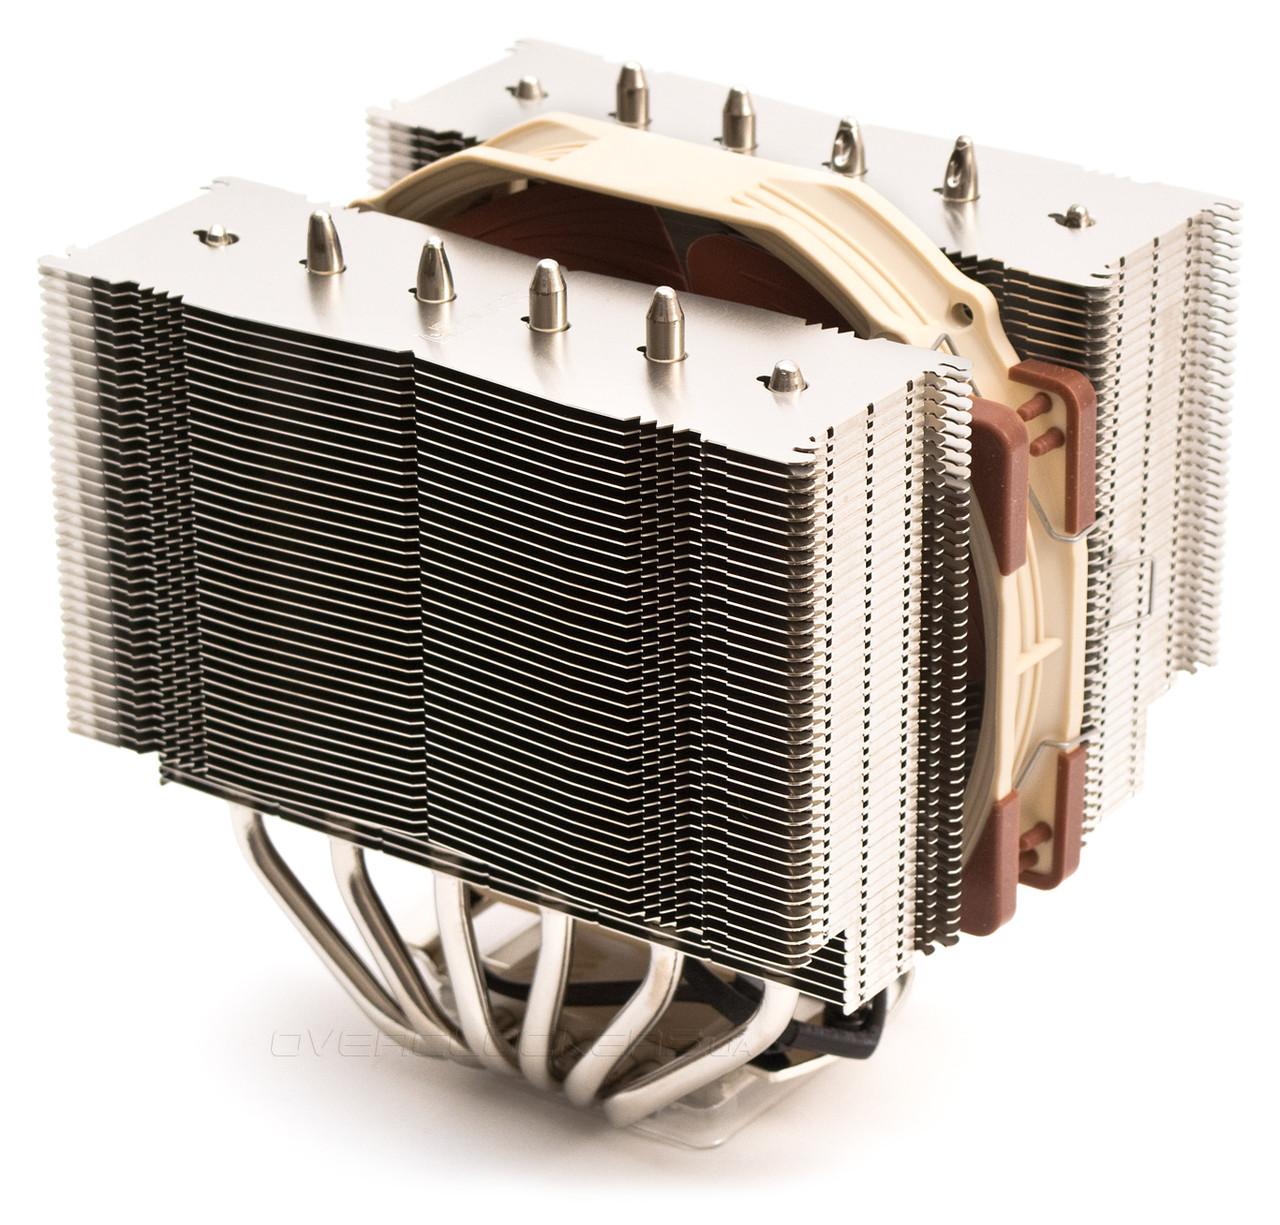 Охлаждение для процессора Noctua NH-D14, б/у